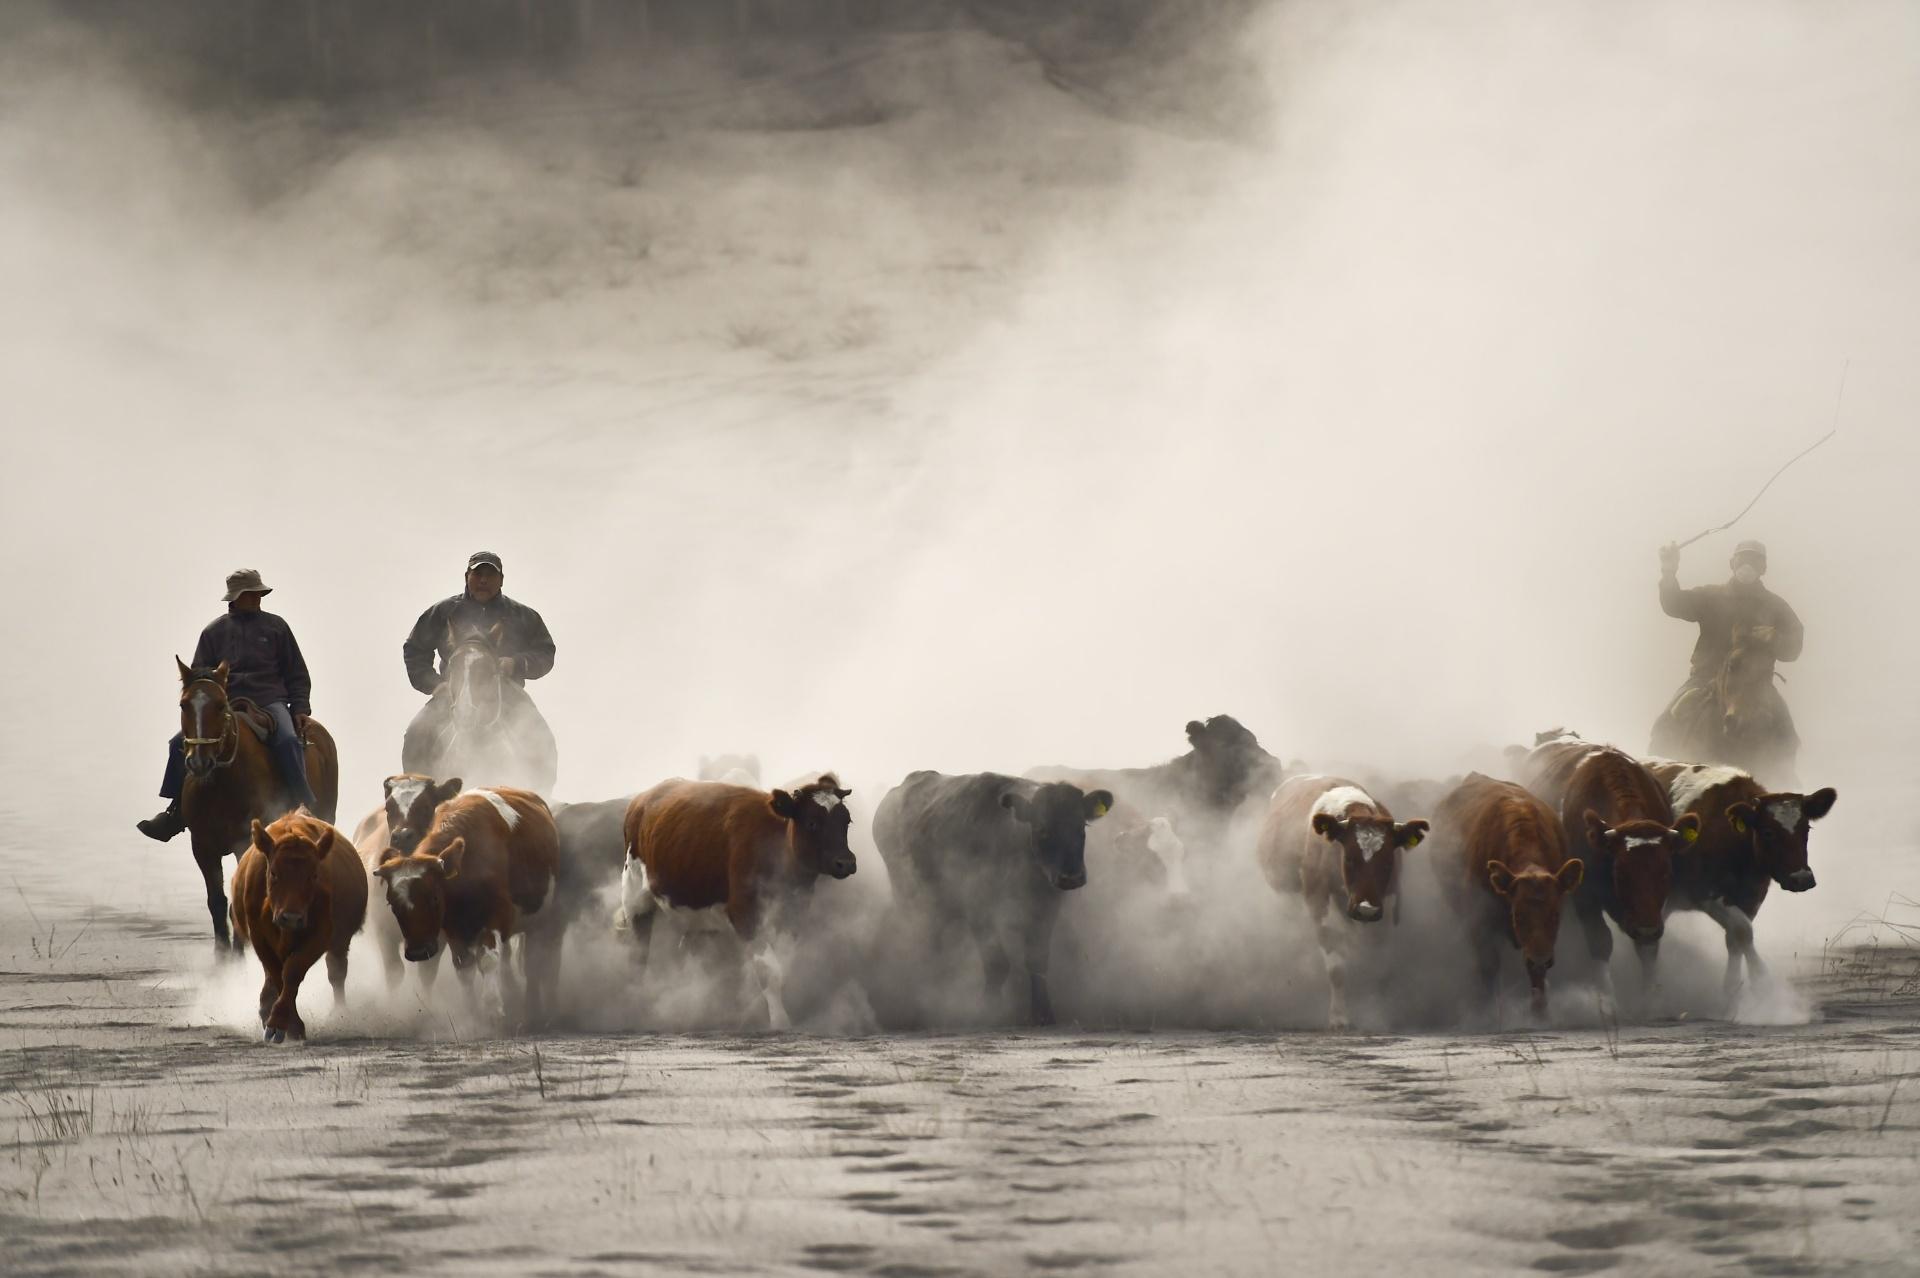 25.abr.2015 - Fazendeiros chilenos conduzem o rebanho em La Ensenada, no sul do país. As autoridades ordenaram a evacuação preventiva de cerca de 2 mil pessoas de áreas de risco